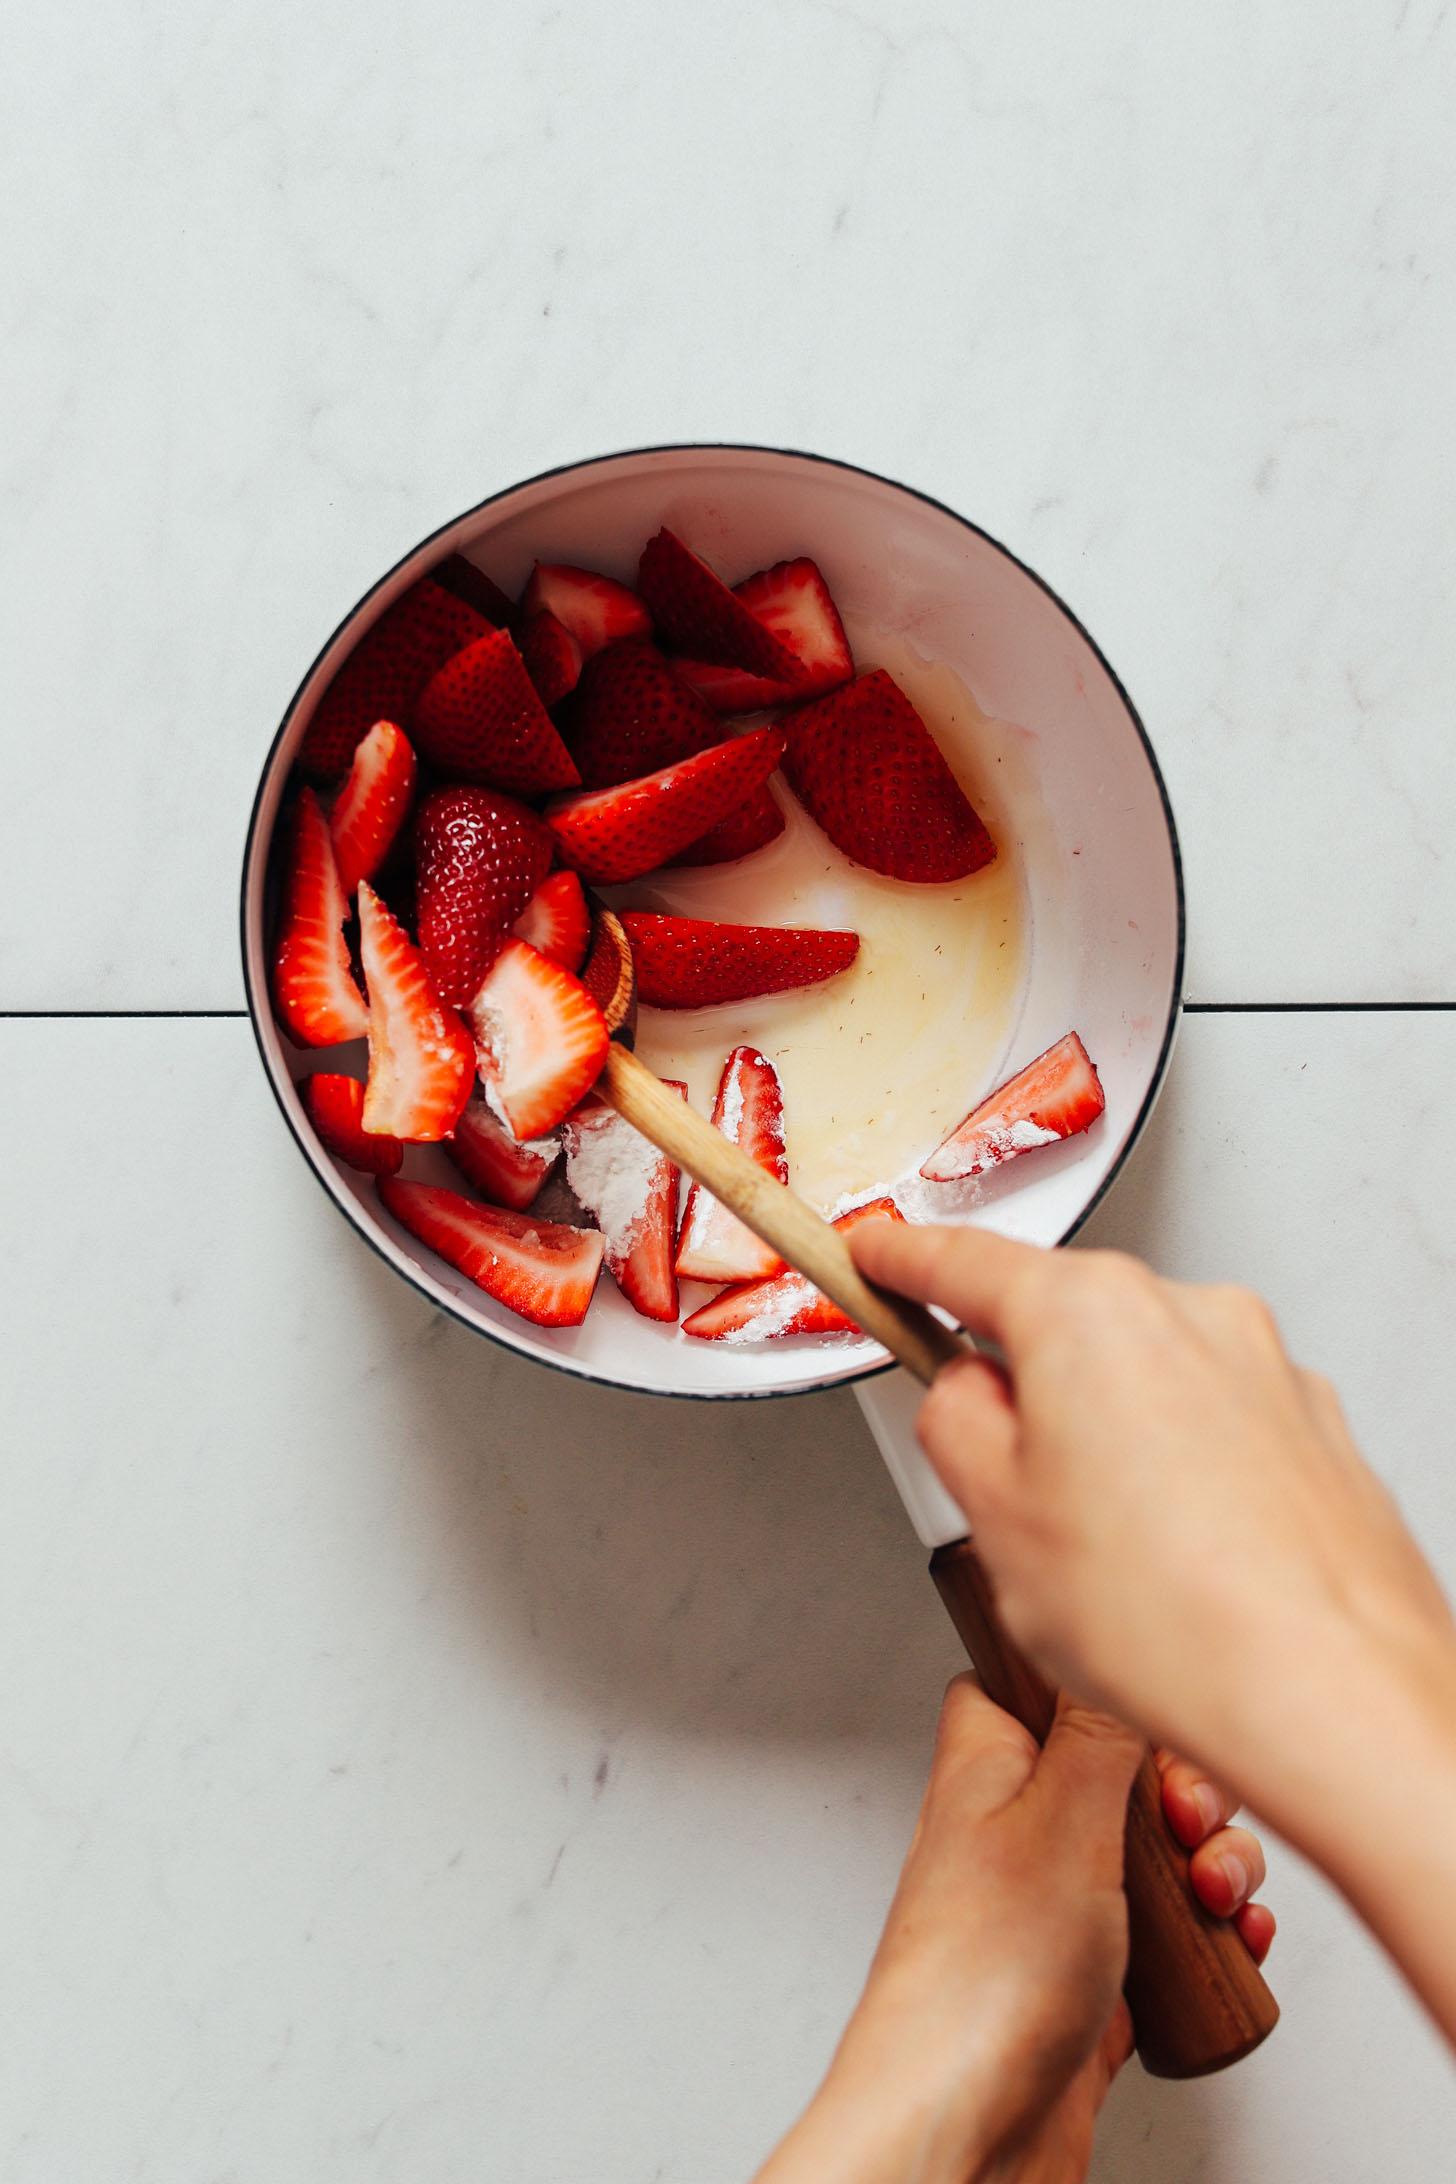 Casserole de fraises fraîches, fécule de maïs, eau et sirop d'érable